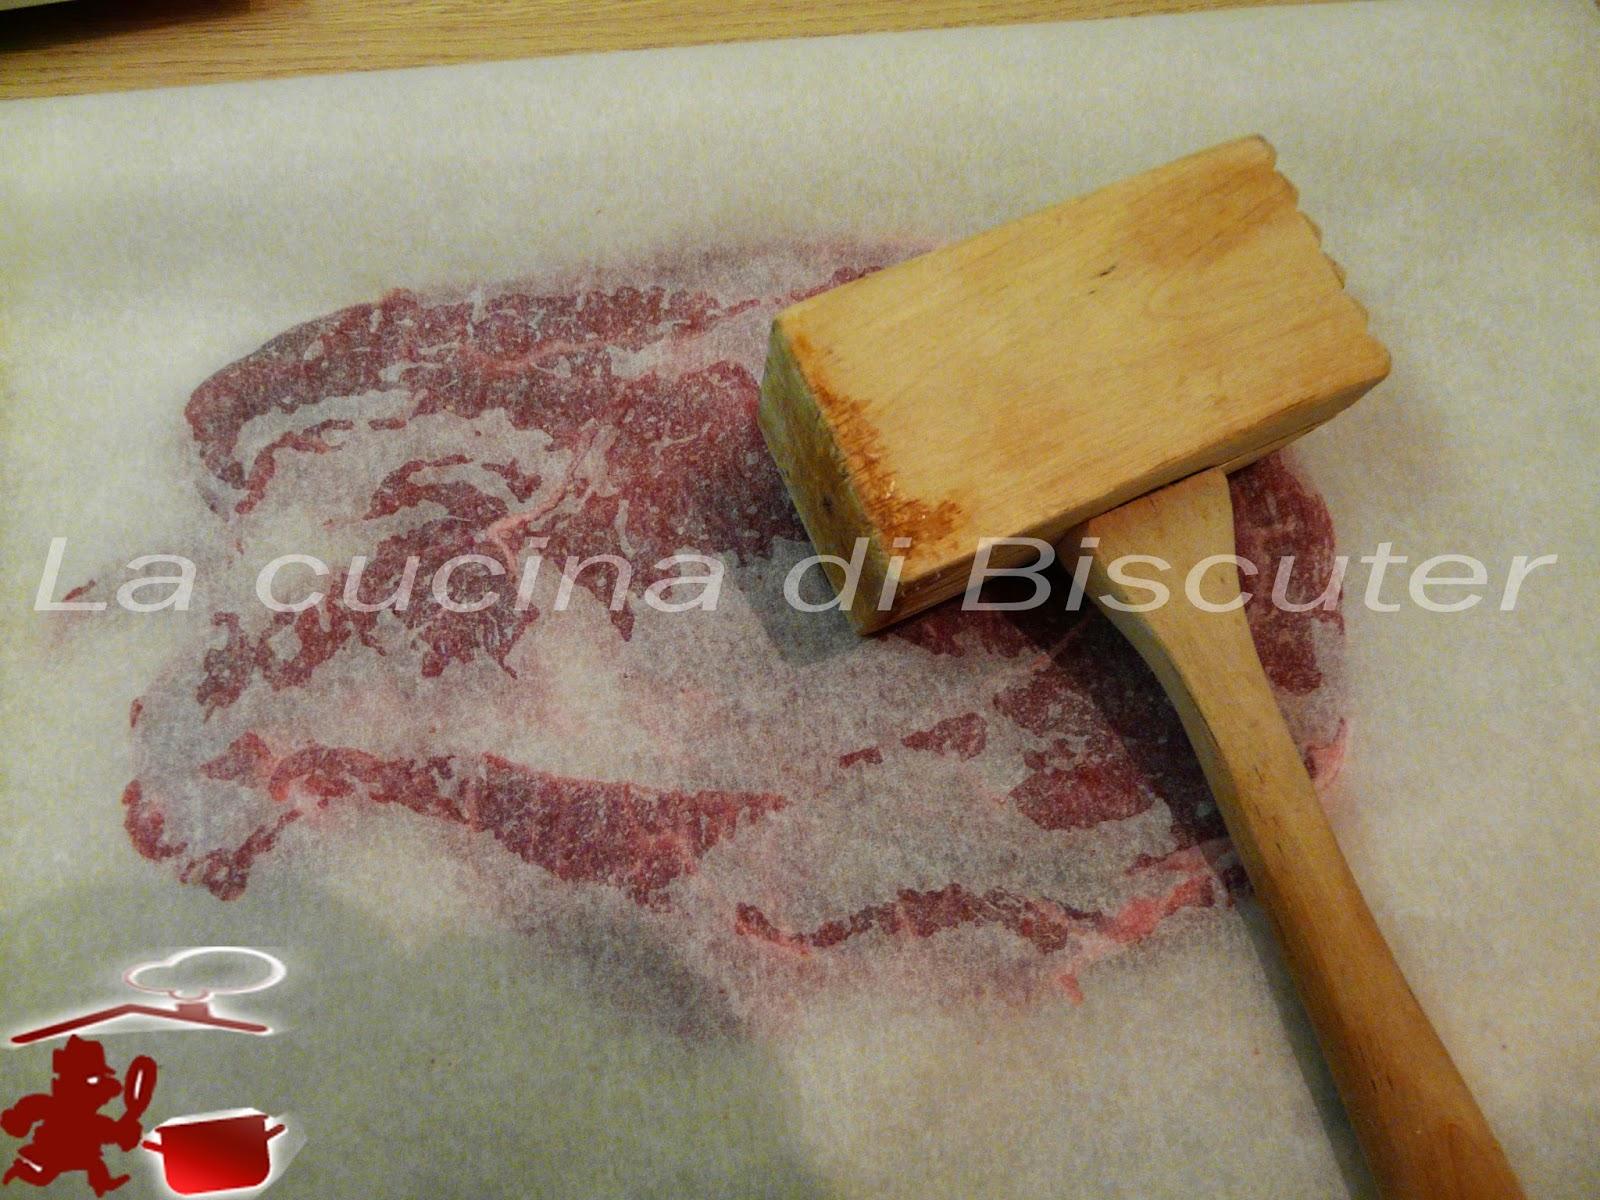 La cucina di biscuter saltimbocca alla romana for La cucina romana